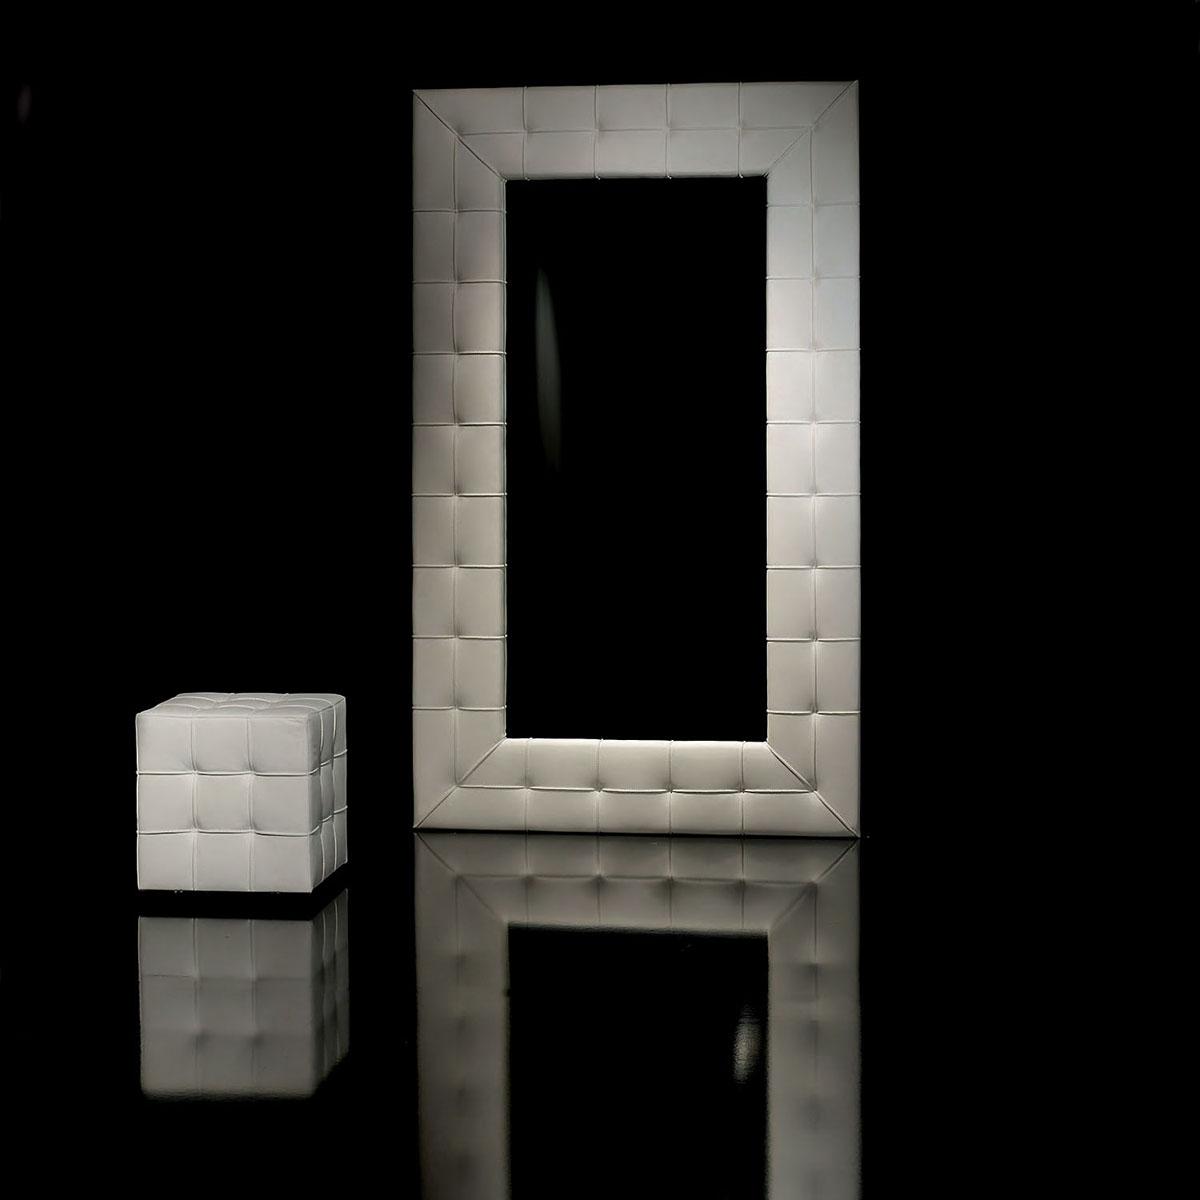 Espejos para recibidor dise o y exclusividad for Espejos originales recibidor